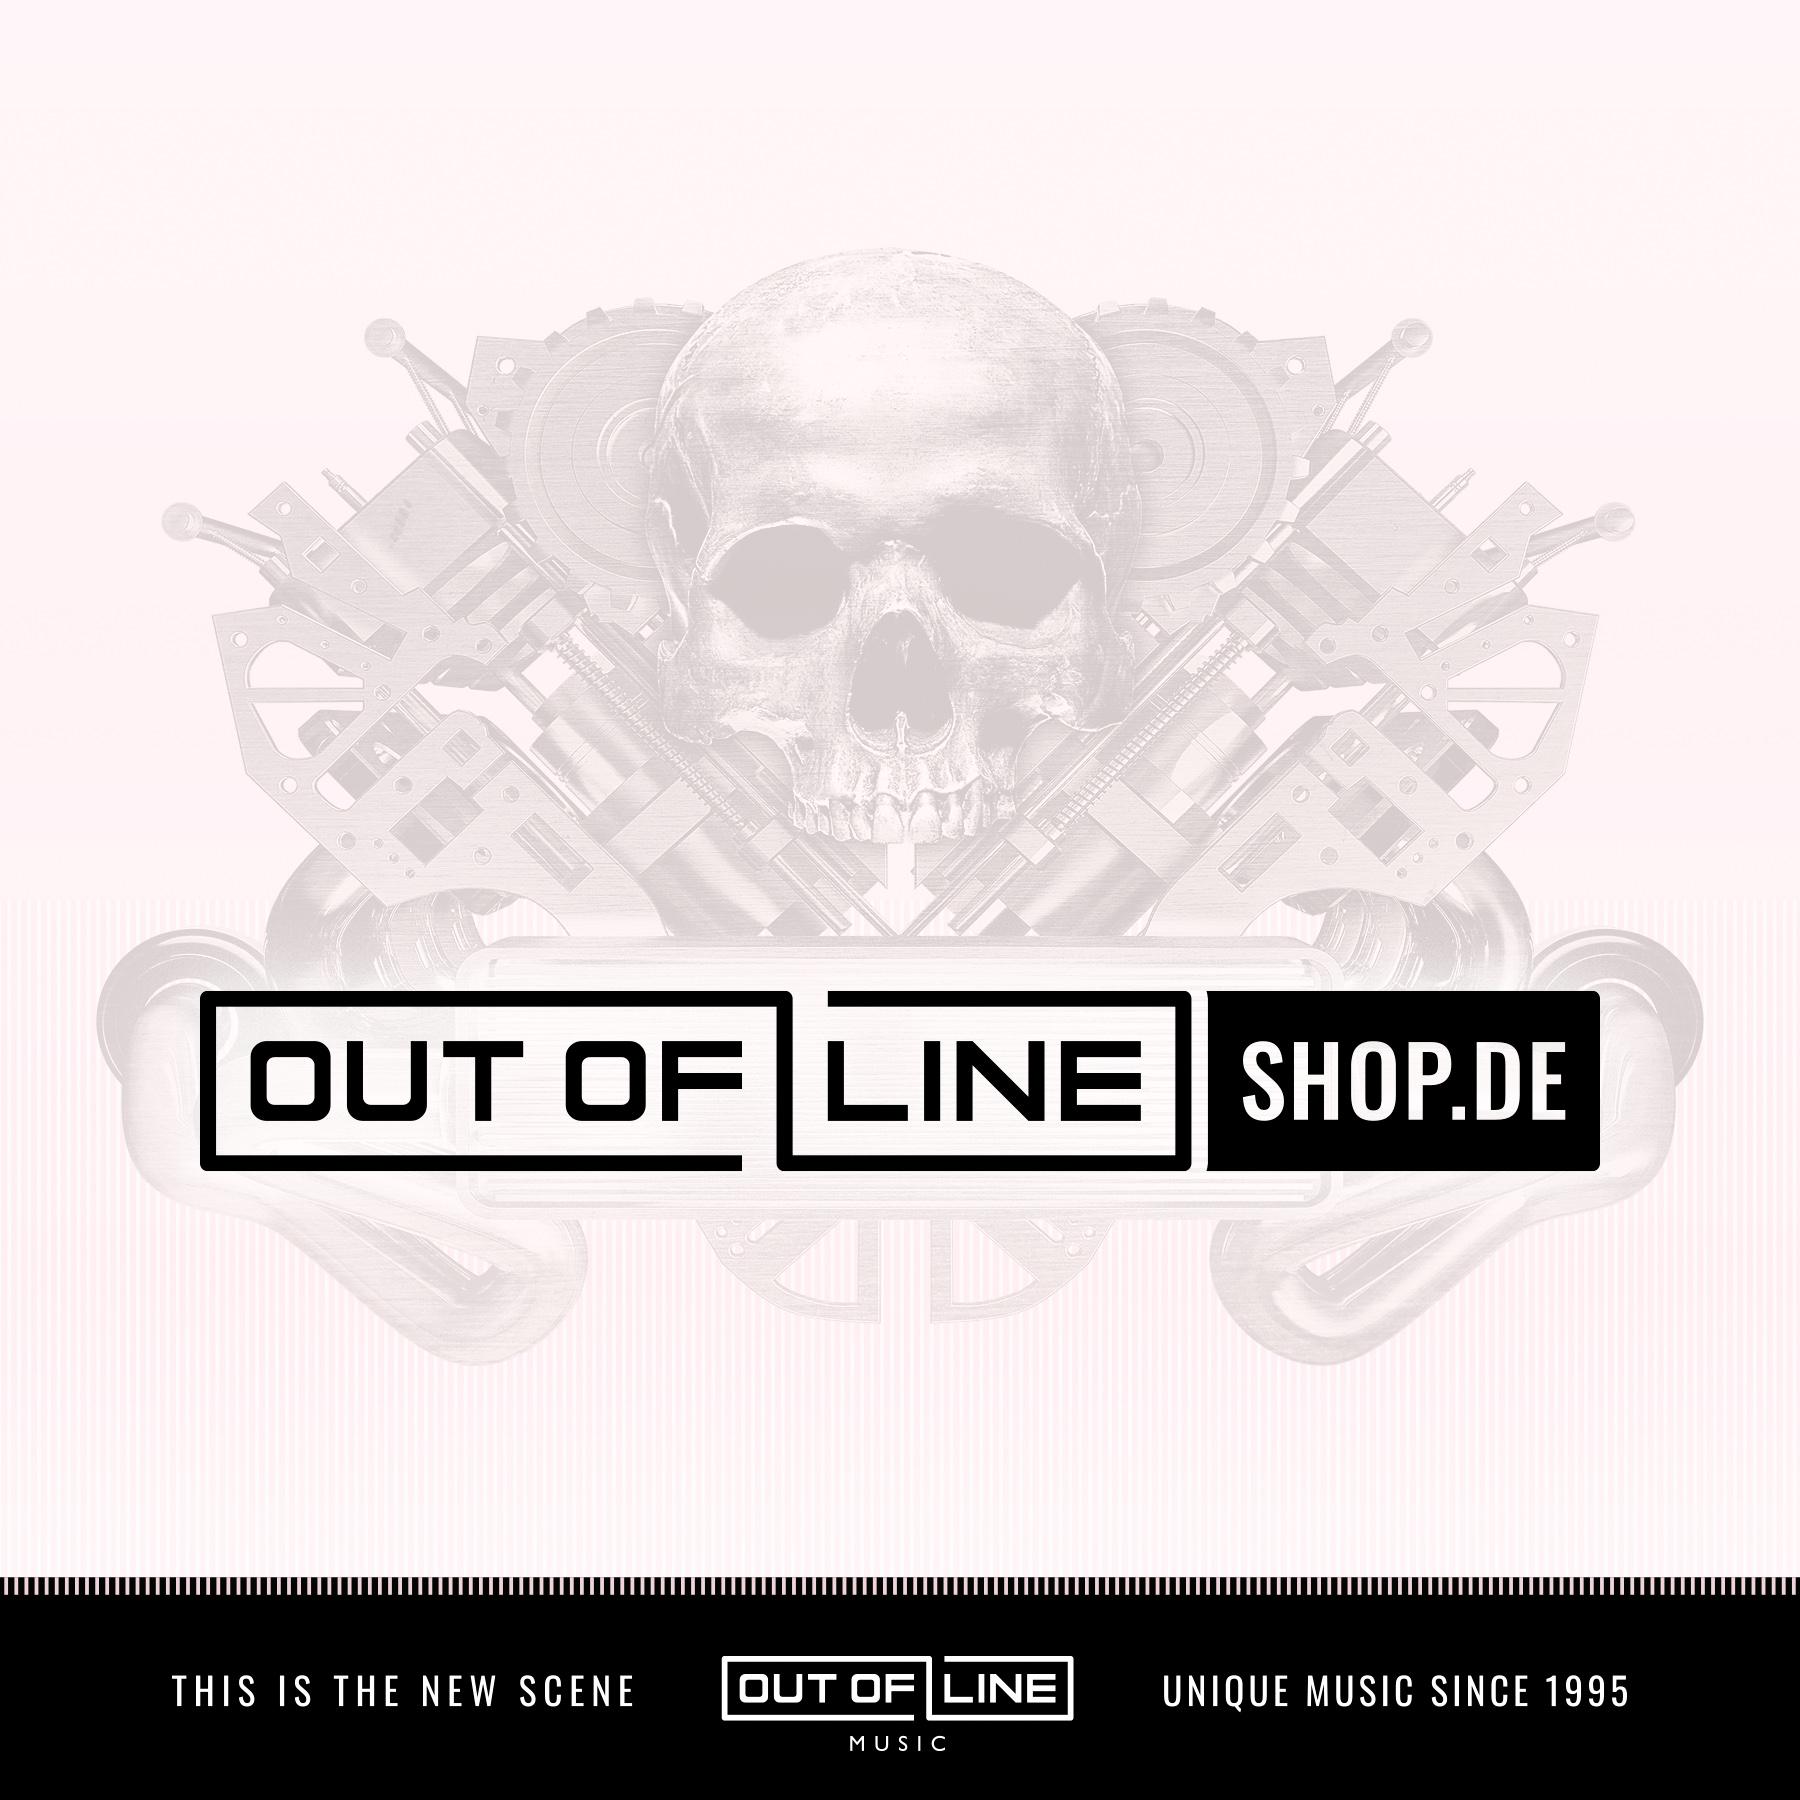 Eisbrecher - Liebe macht Monster (Limited Edition) - Fan BOX